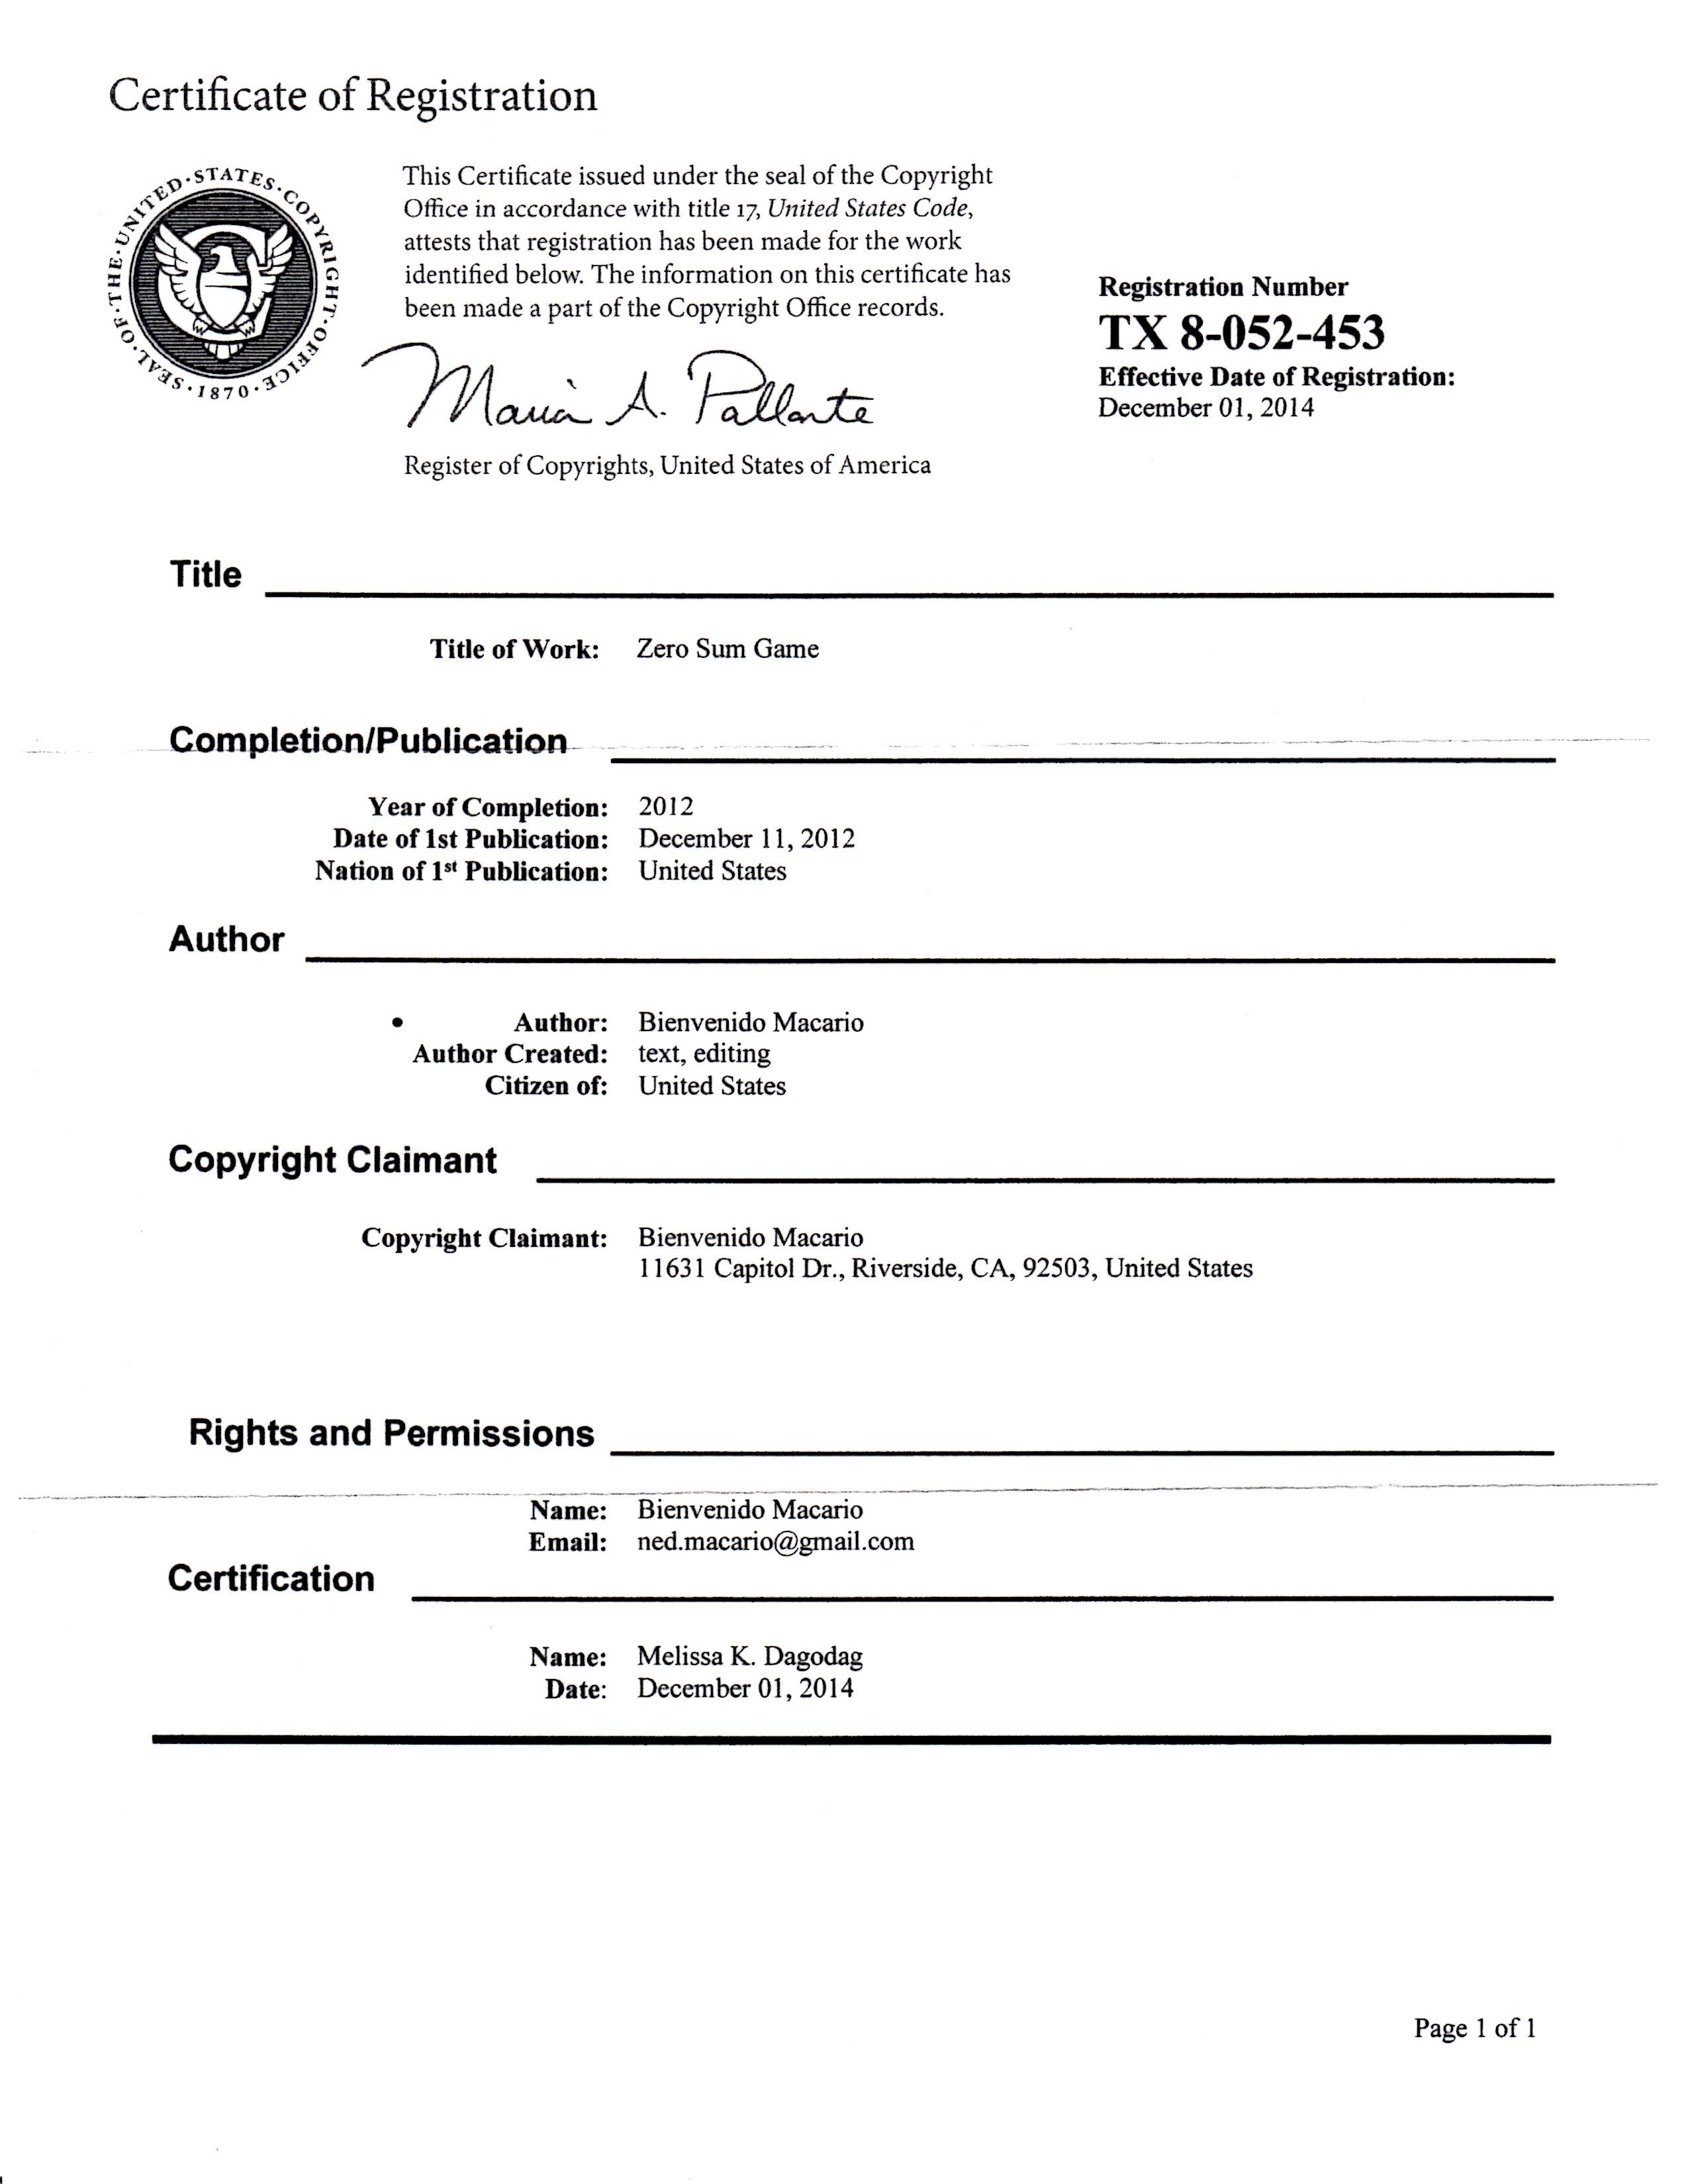 Zero Sum Game Copyright Certificate 12-11-12